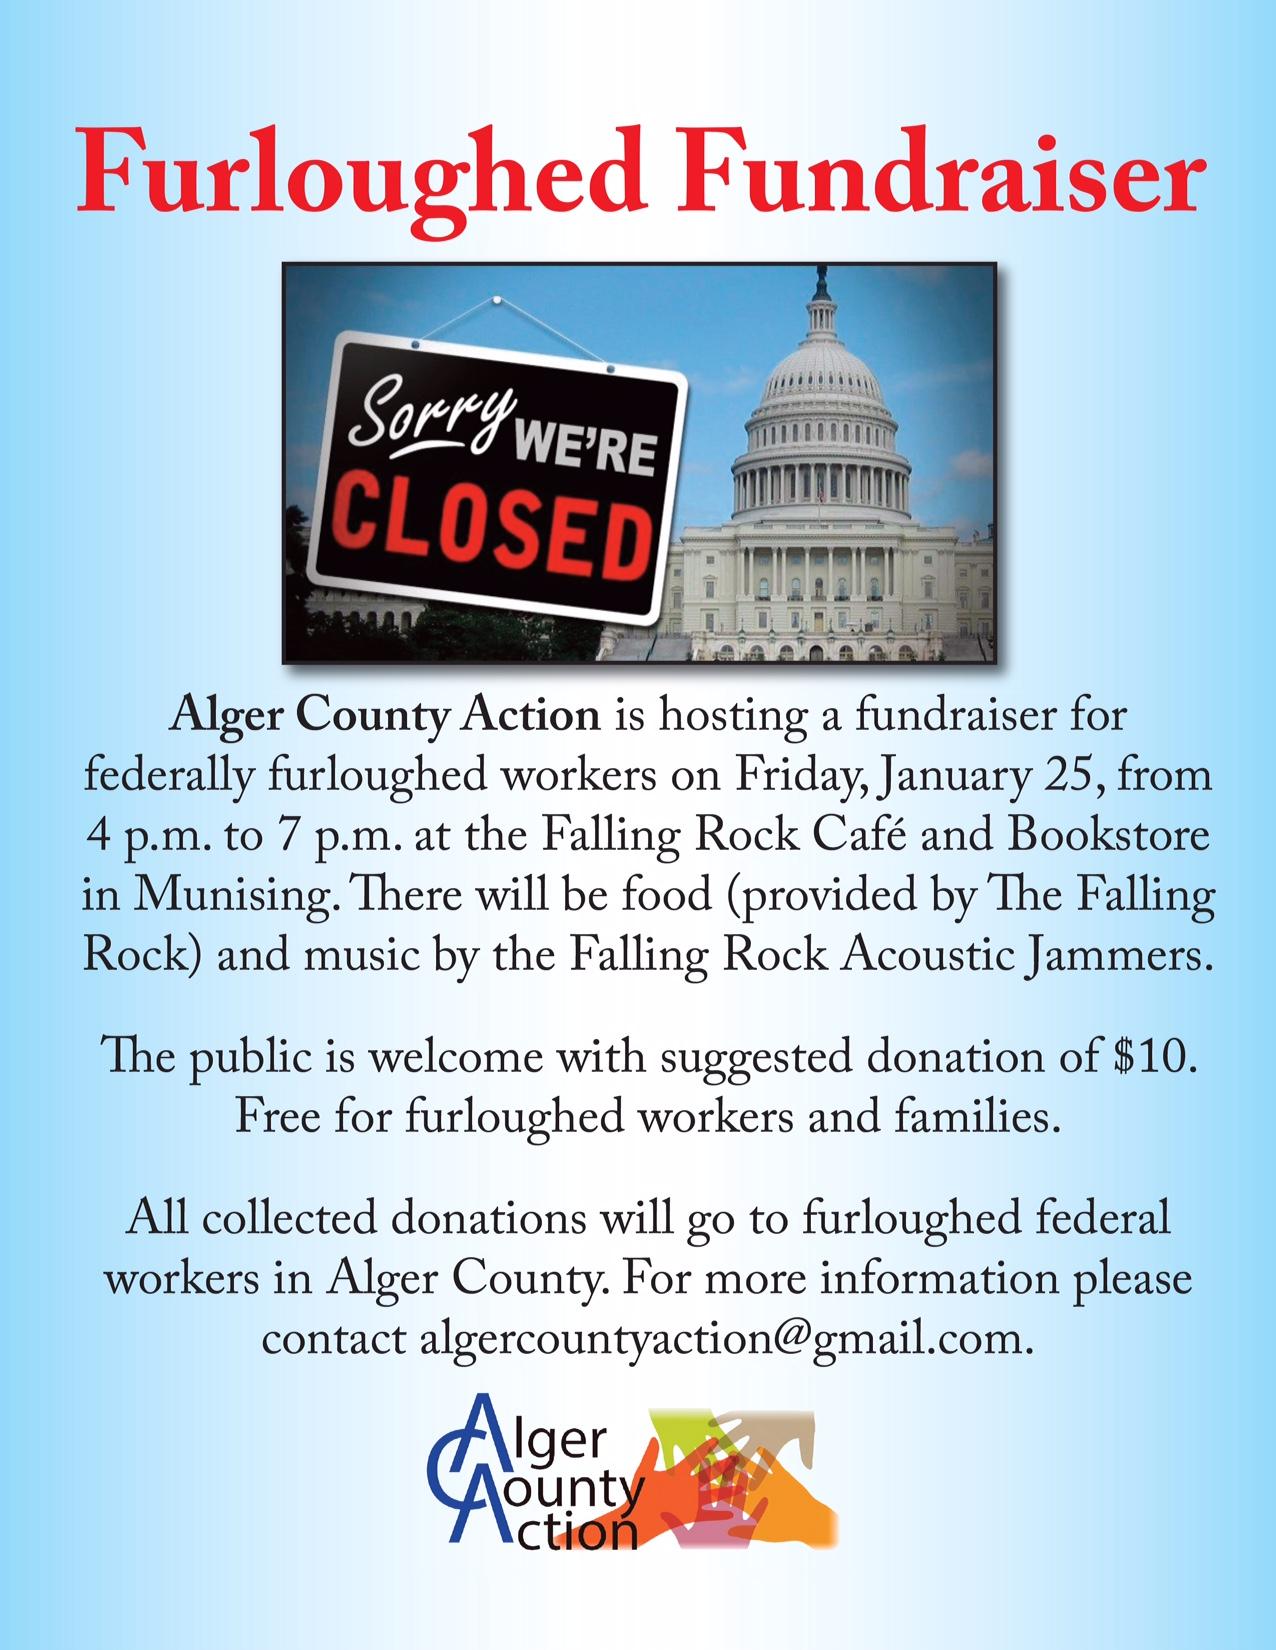 Munising furlough fundraiser